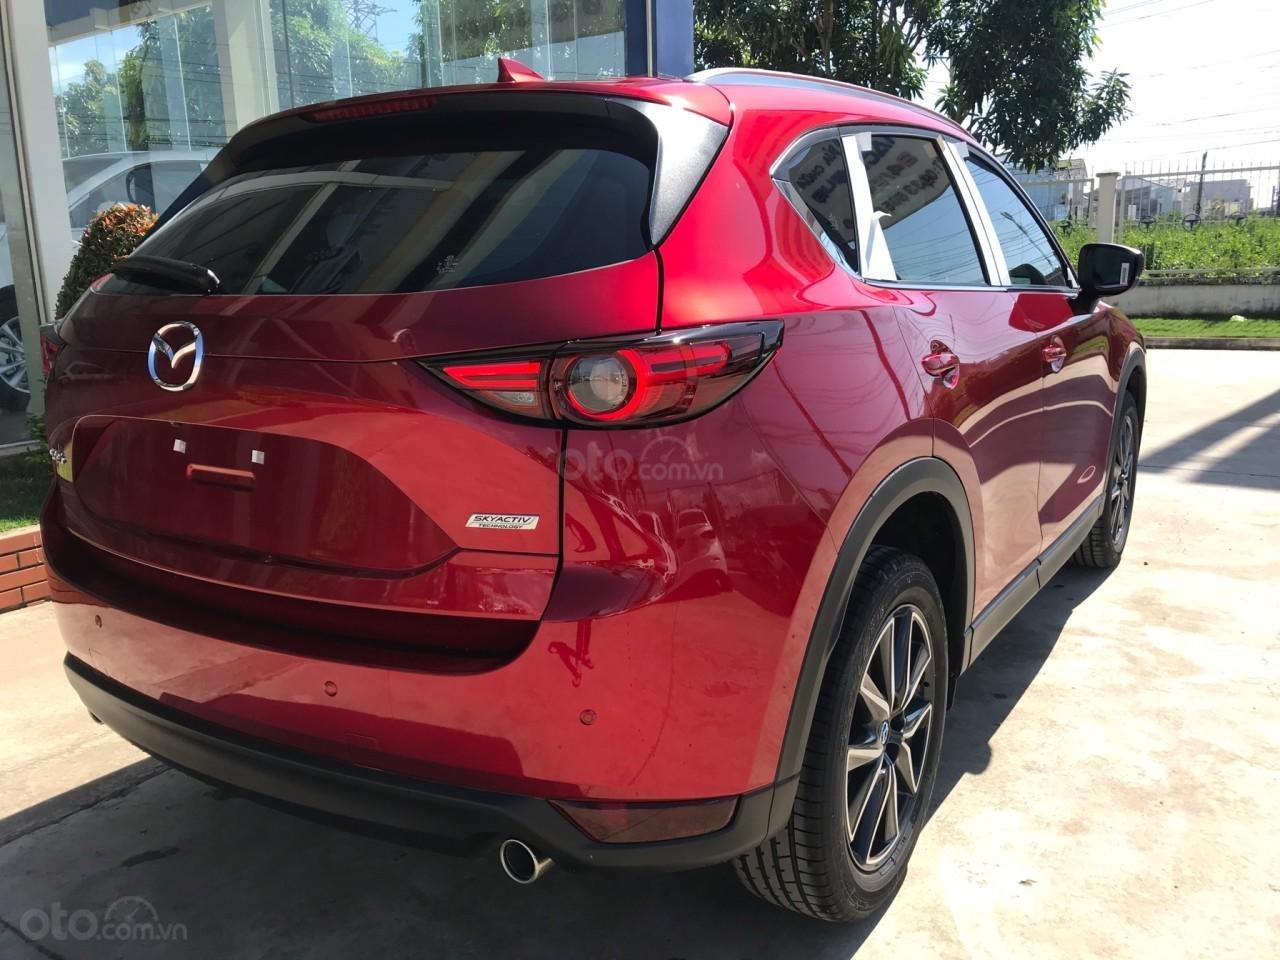 Bán xe Mazda CX5 2019 ưu đãi tốt trong tháng, LH: 0938 906 560 Mr. Giang (3)